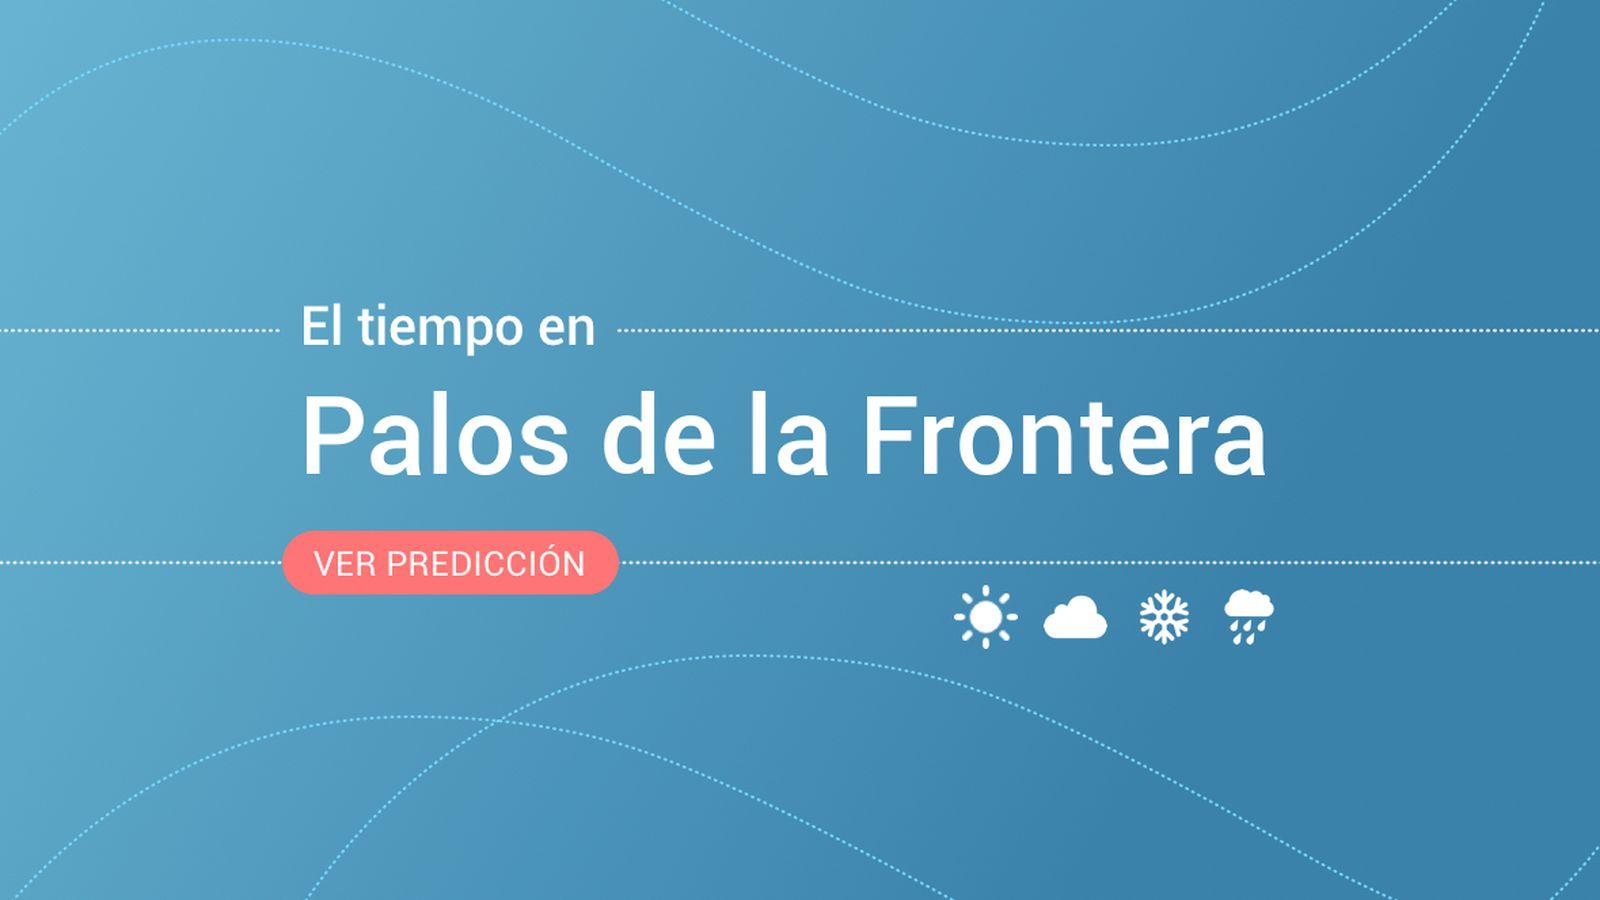 Foto: El tiempo en Palos de la Frontera. (EC)